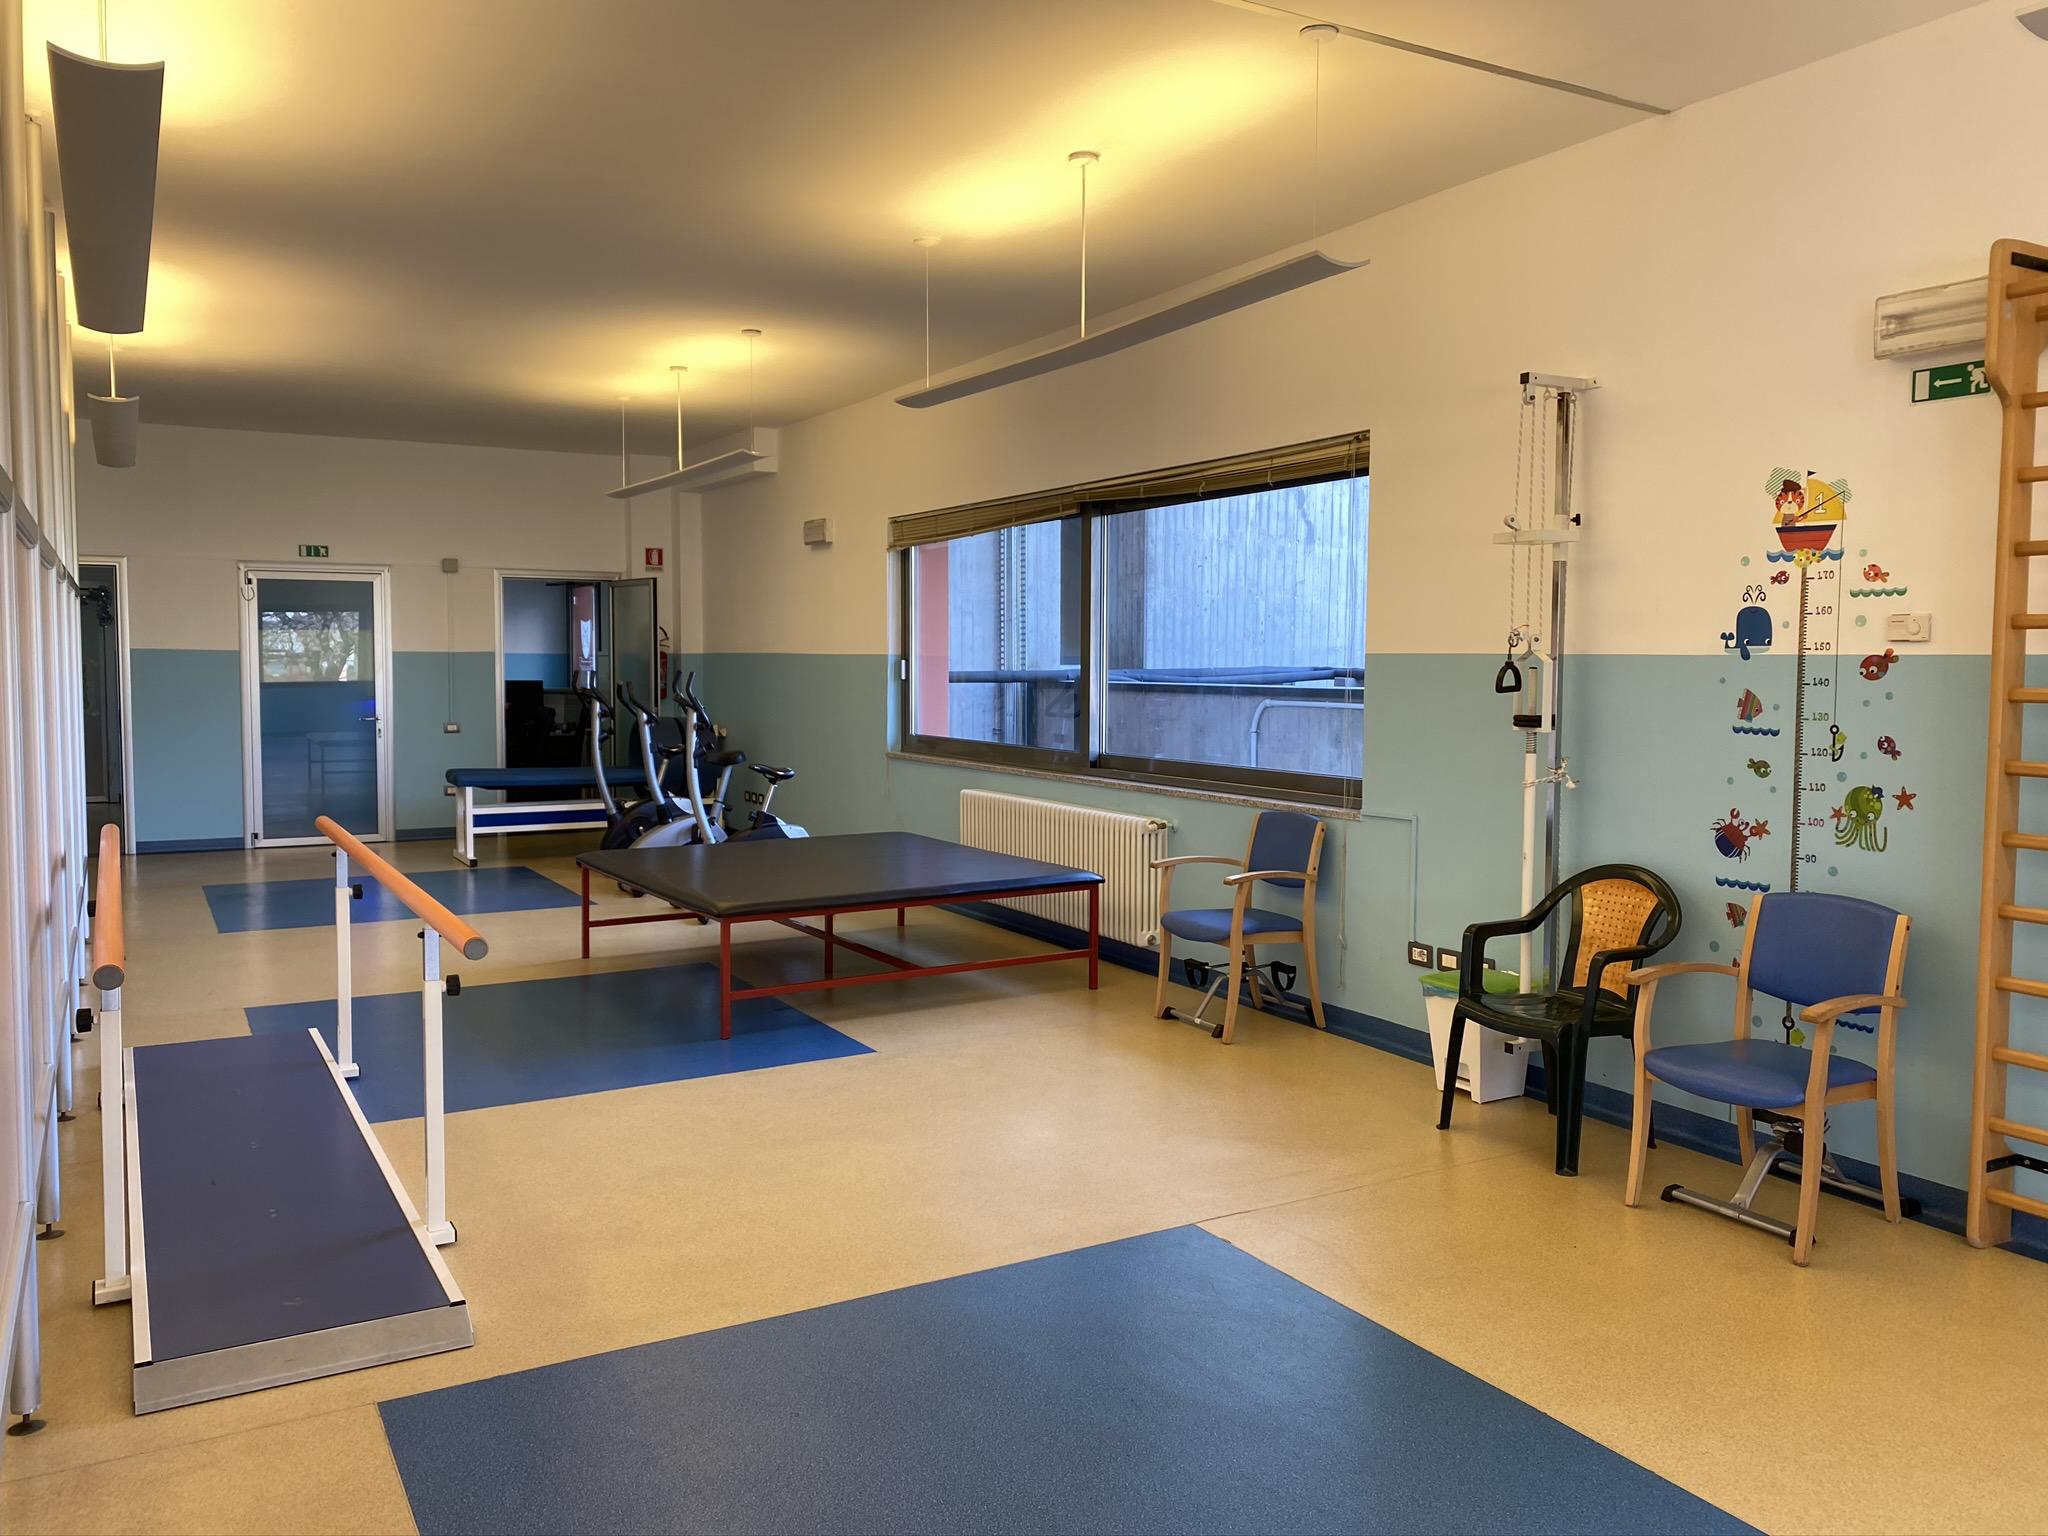 fisioterapia Torbole Casaglia Brescia